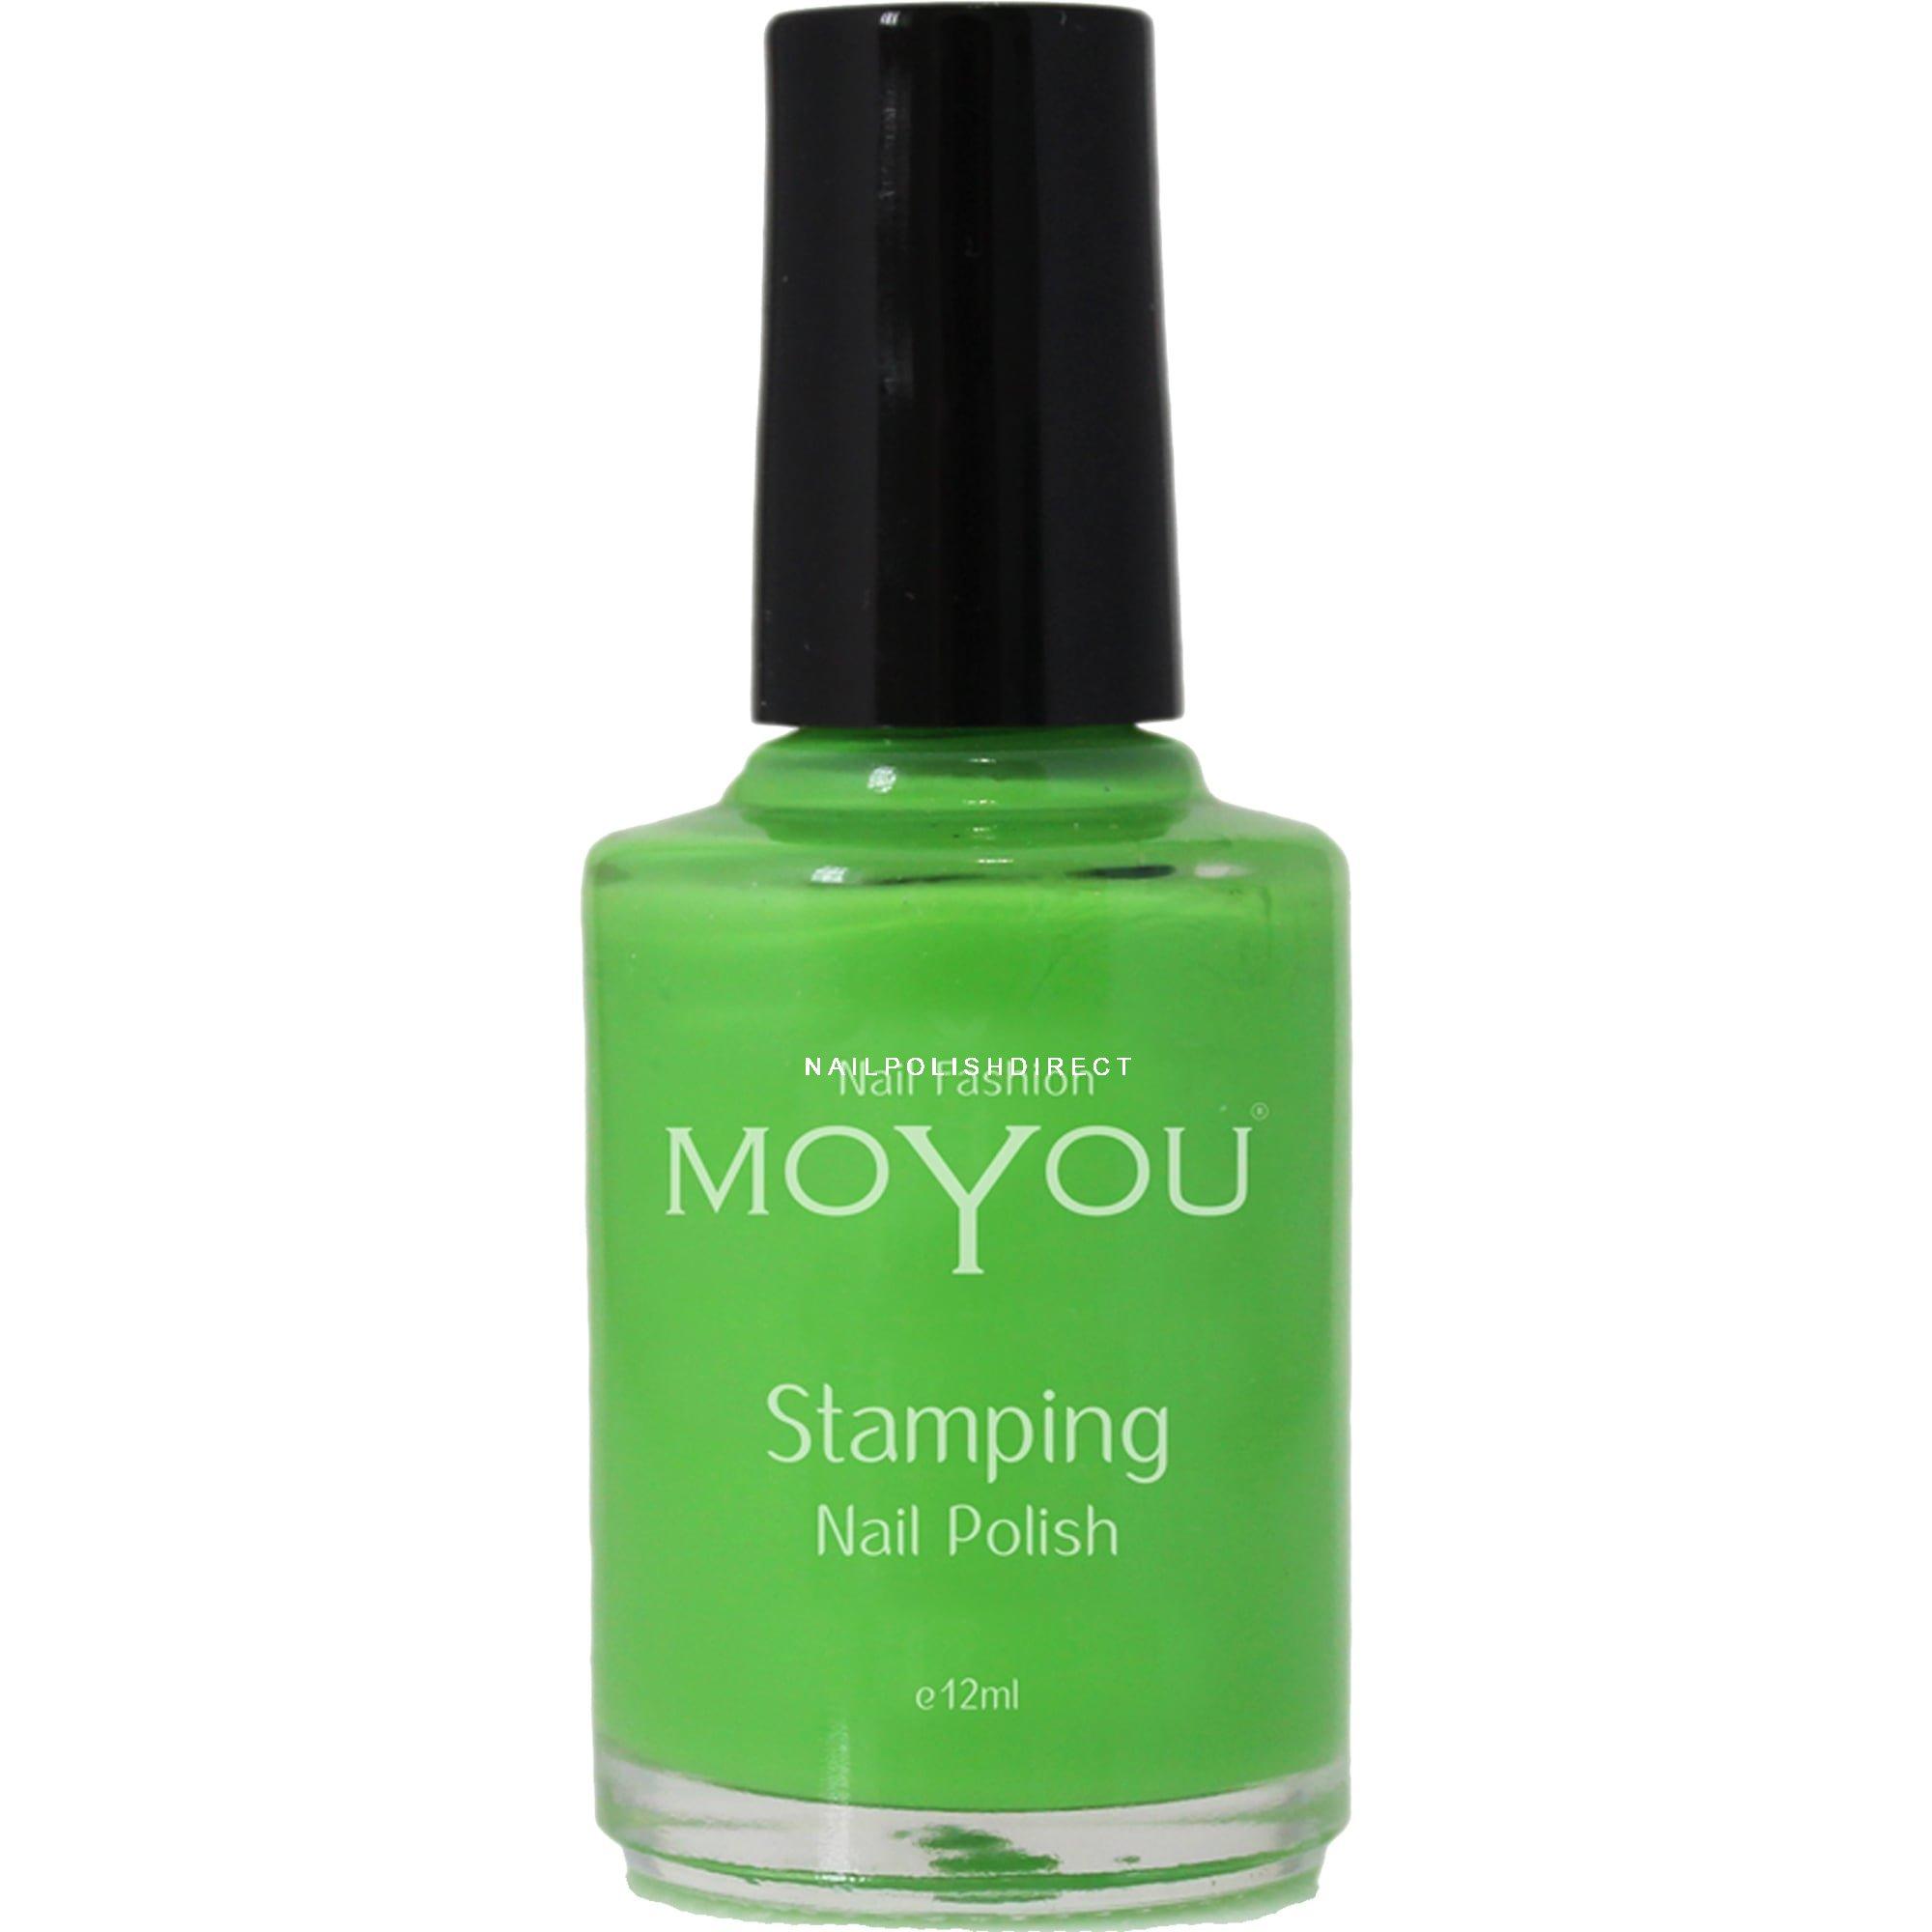 Moyou Stamping Nail Art Special Nail Polish Atlantic Green 12ml